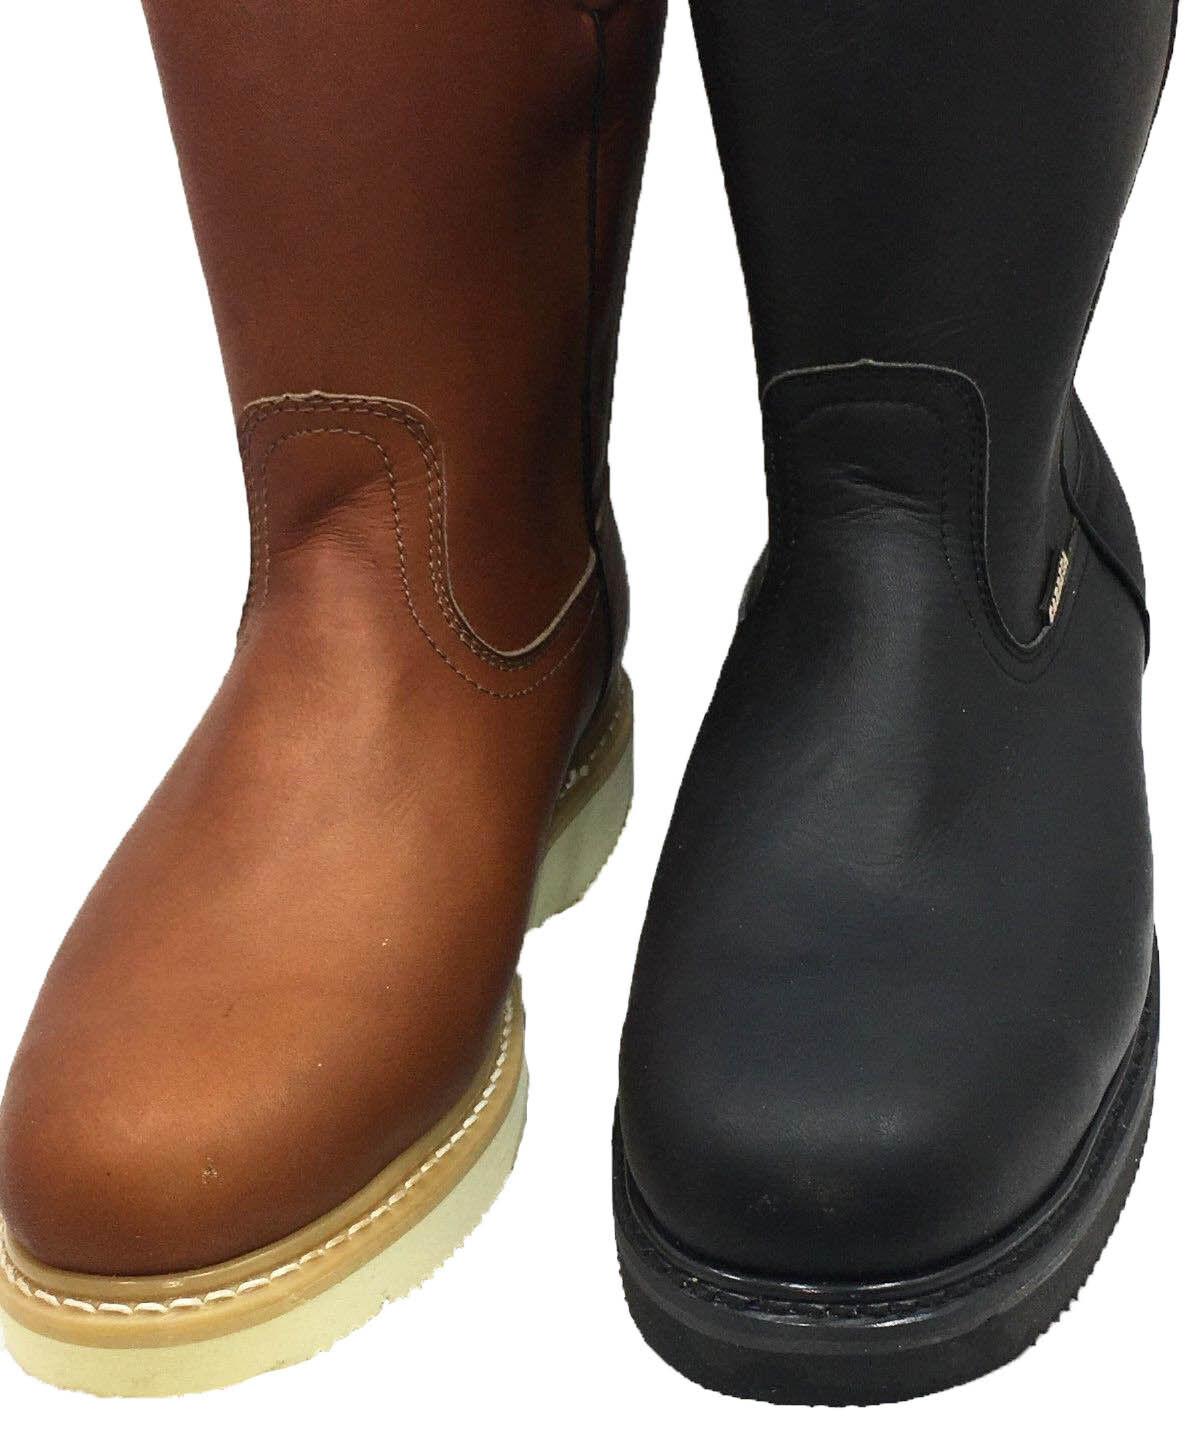 Para Hombre botas De Trabajo Luz-W. Tire De Cuero Marrón Negro Aceite Antideslizante